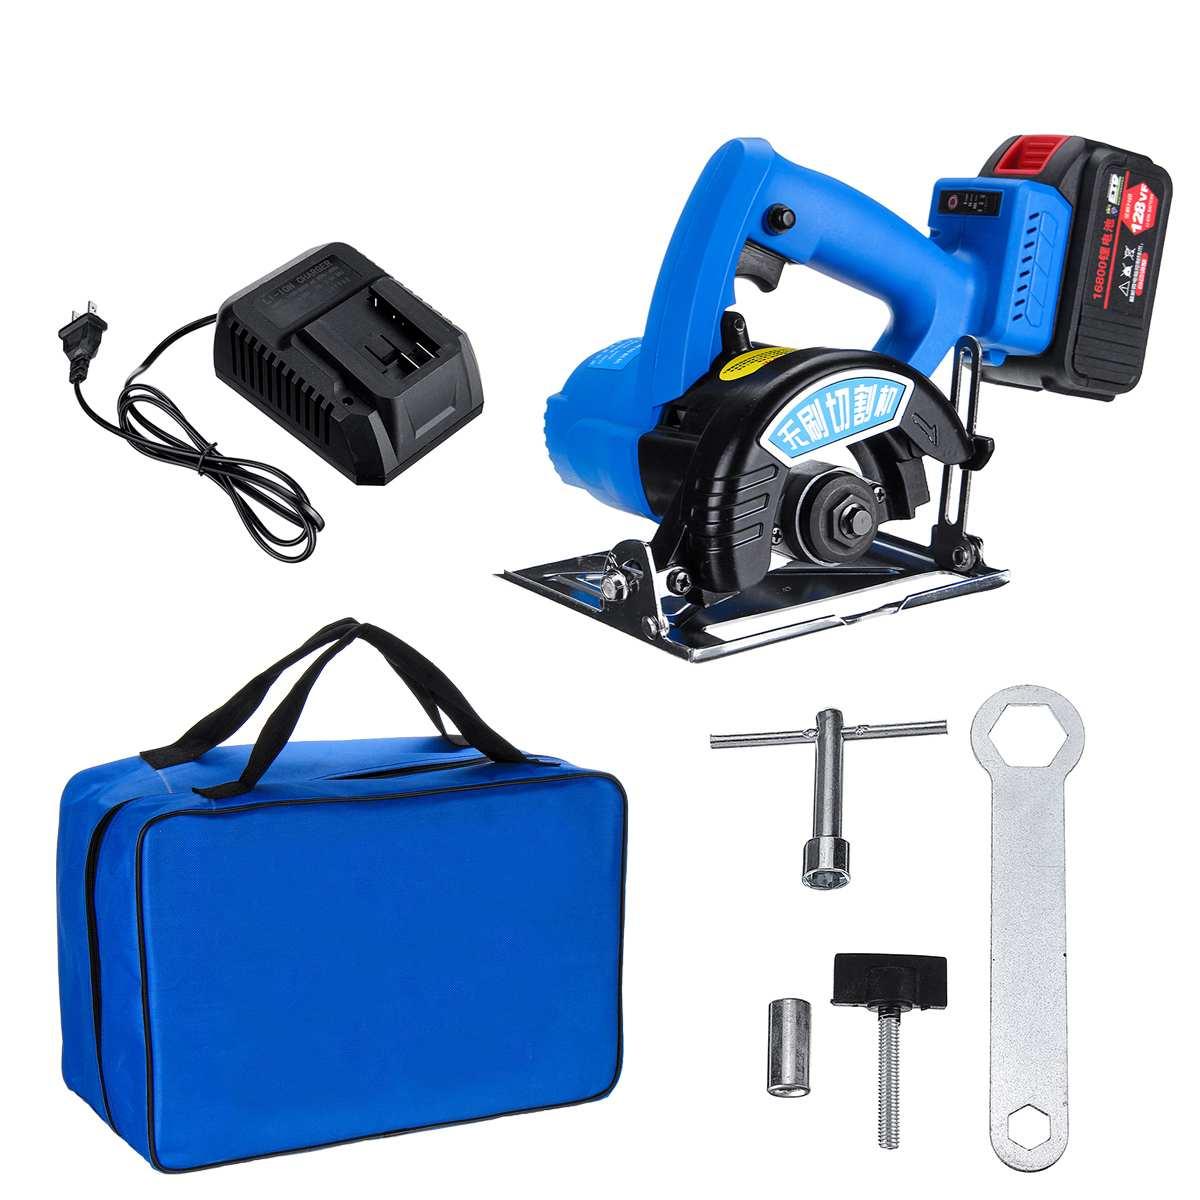 128VF 1000W scie circulaire électrique sans fil sans brosse 125mm lame scie outils de travail du bois Machine de découpe de carreaux de métal Rechargeable